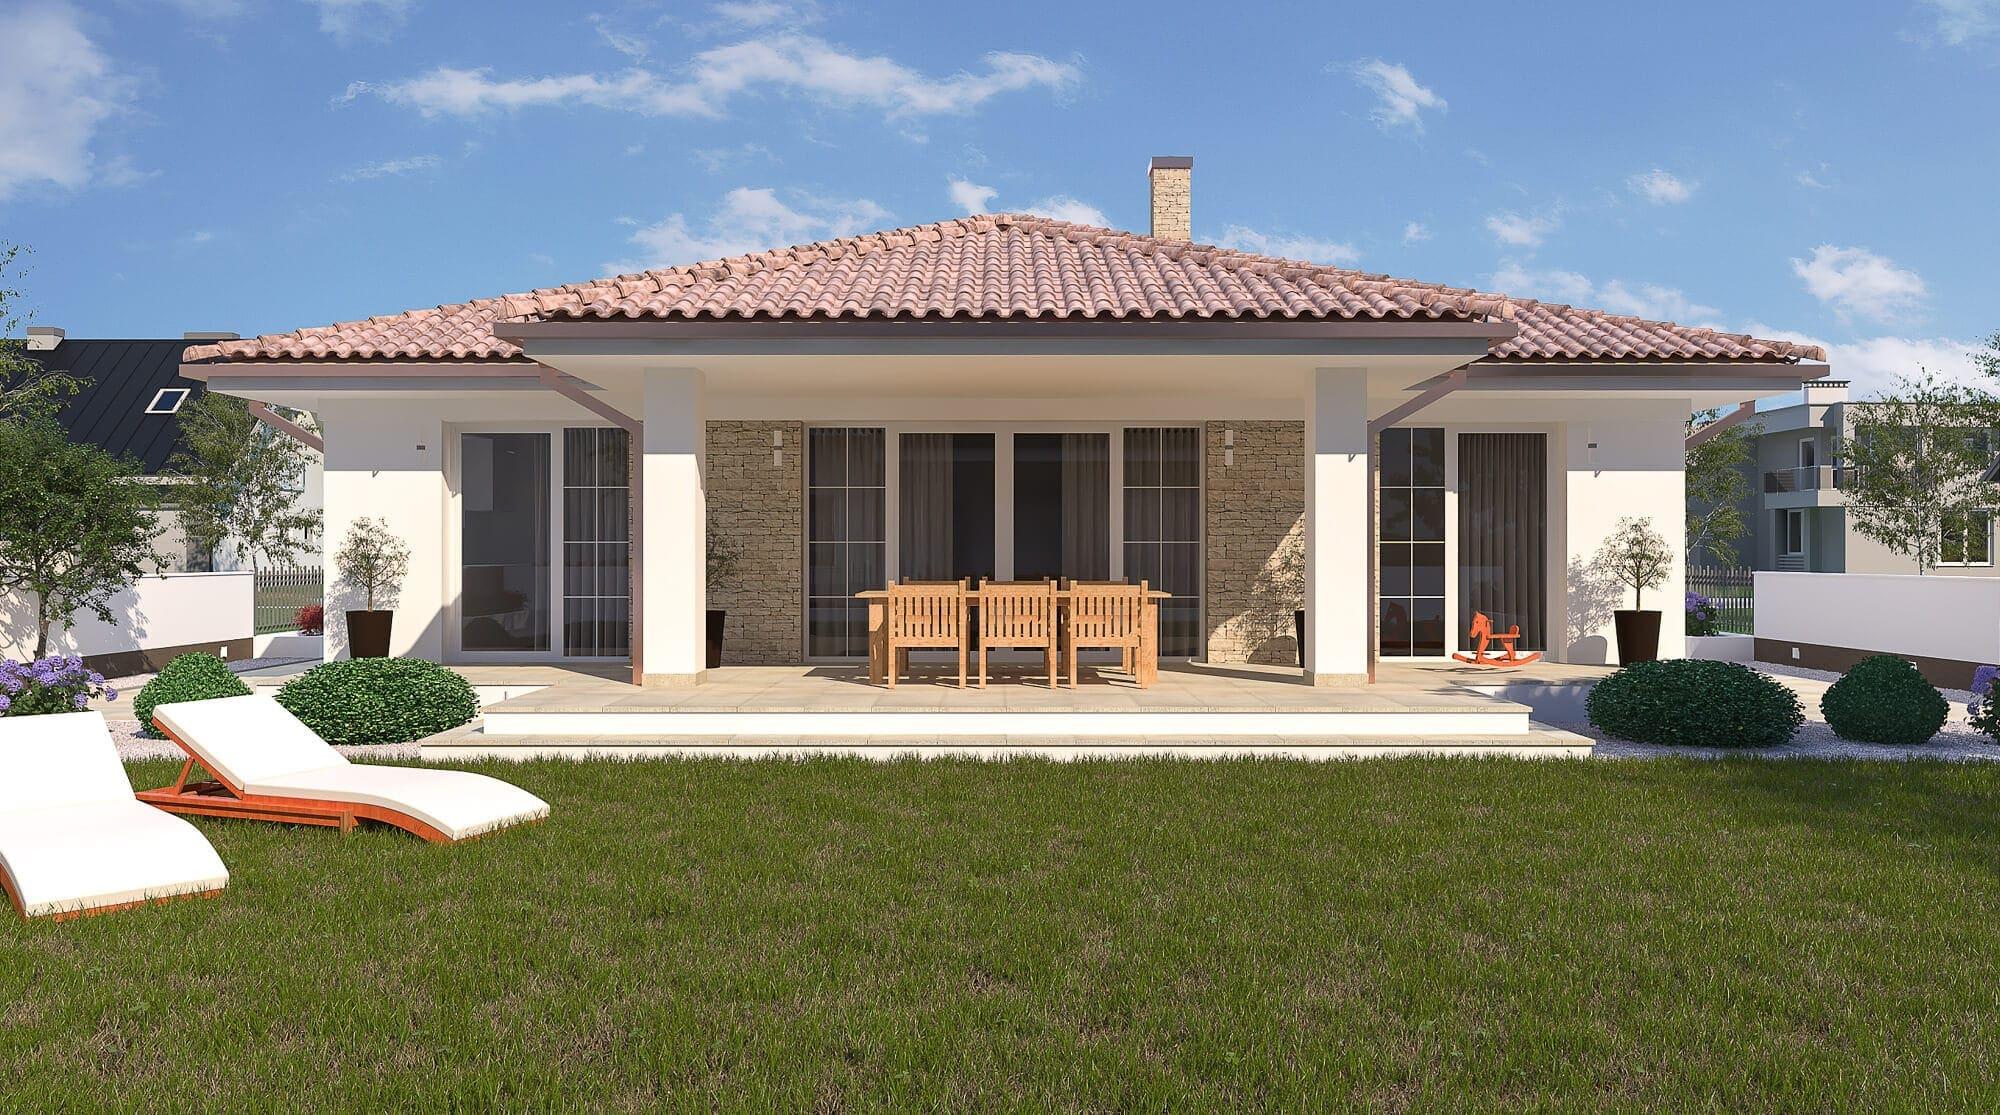 projekt rodinného domu style 224